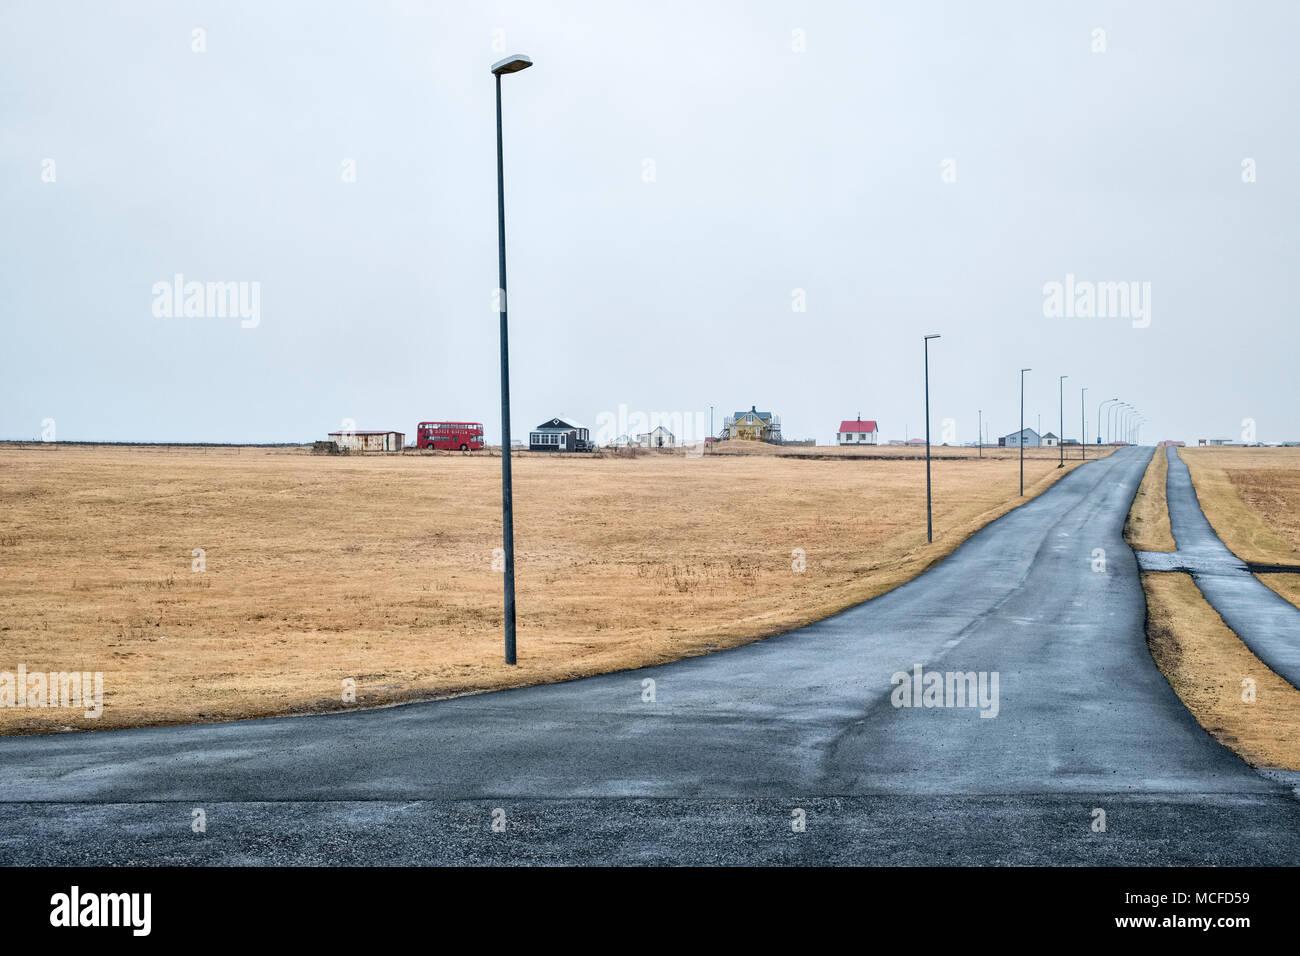 Garðskagi, Garður, Islandia, en la punta de la península de Reykjanes, normalmente en un día lluvioso y gris Imagen De Stock